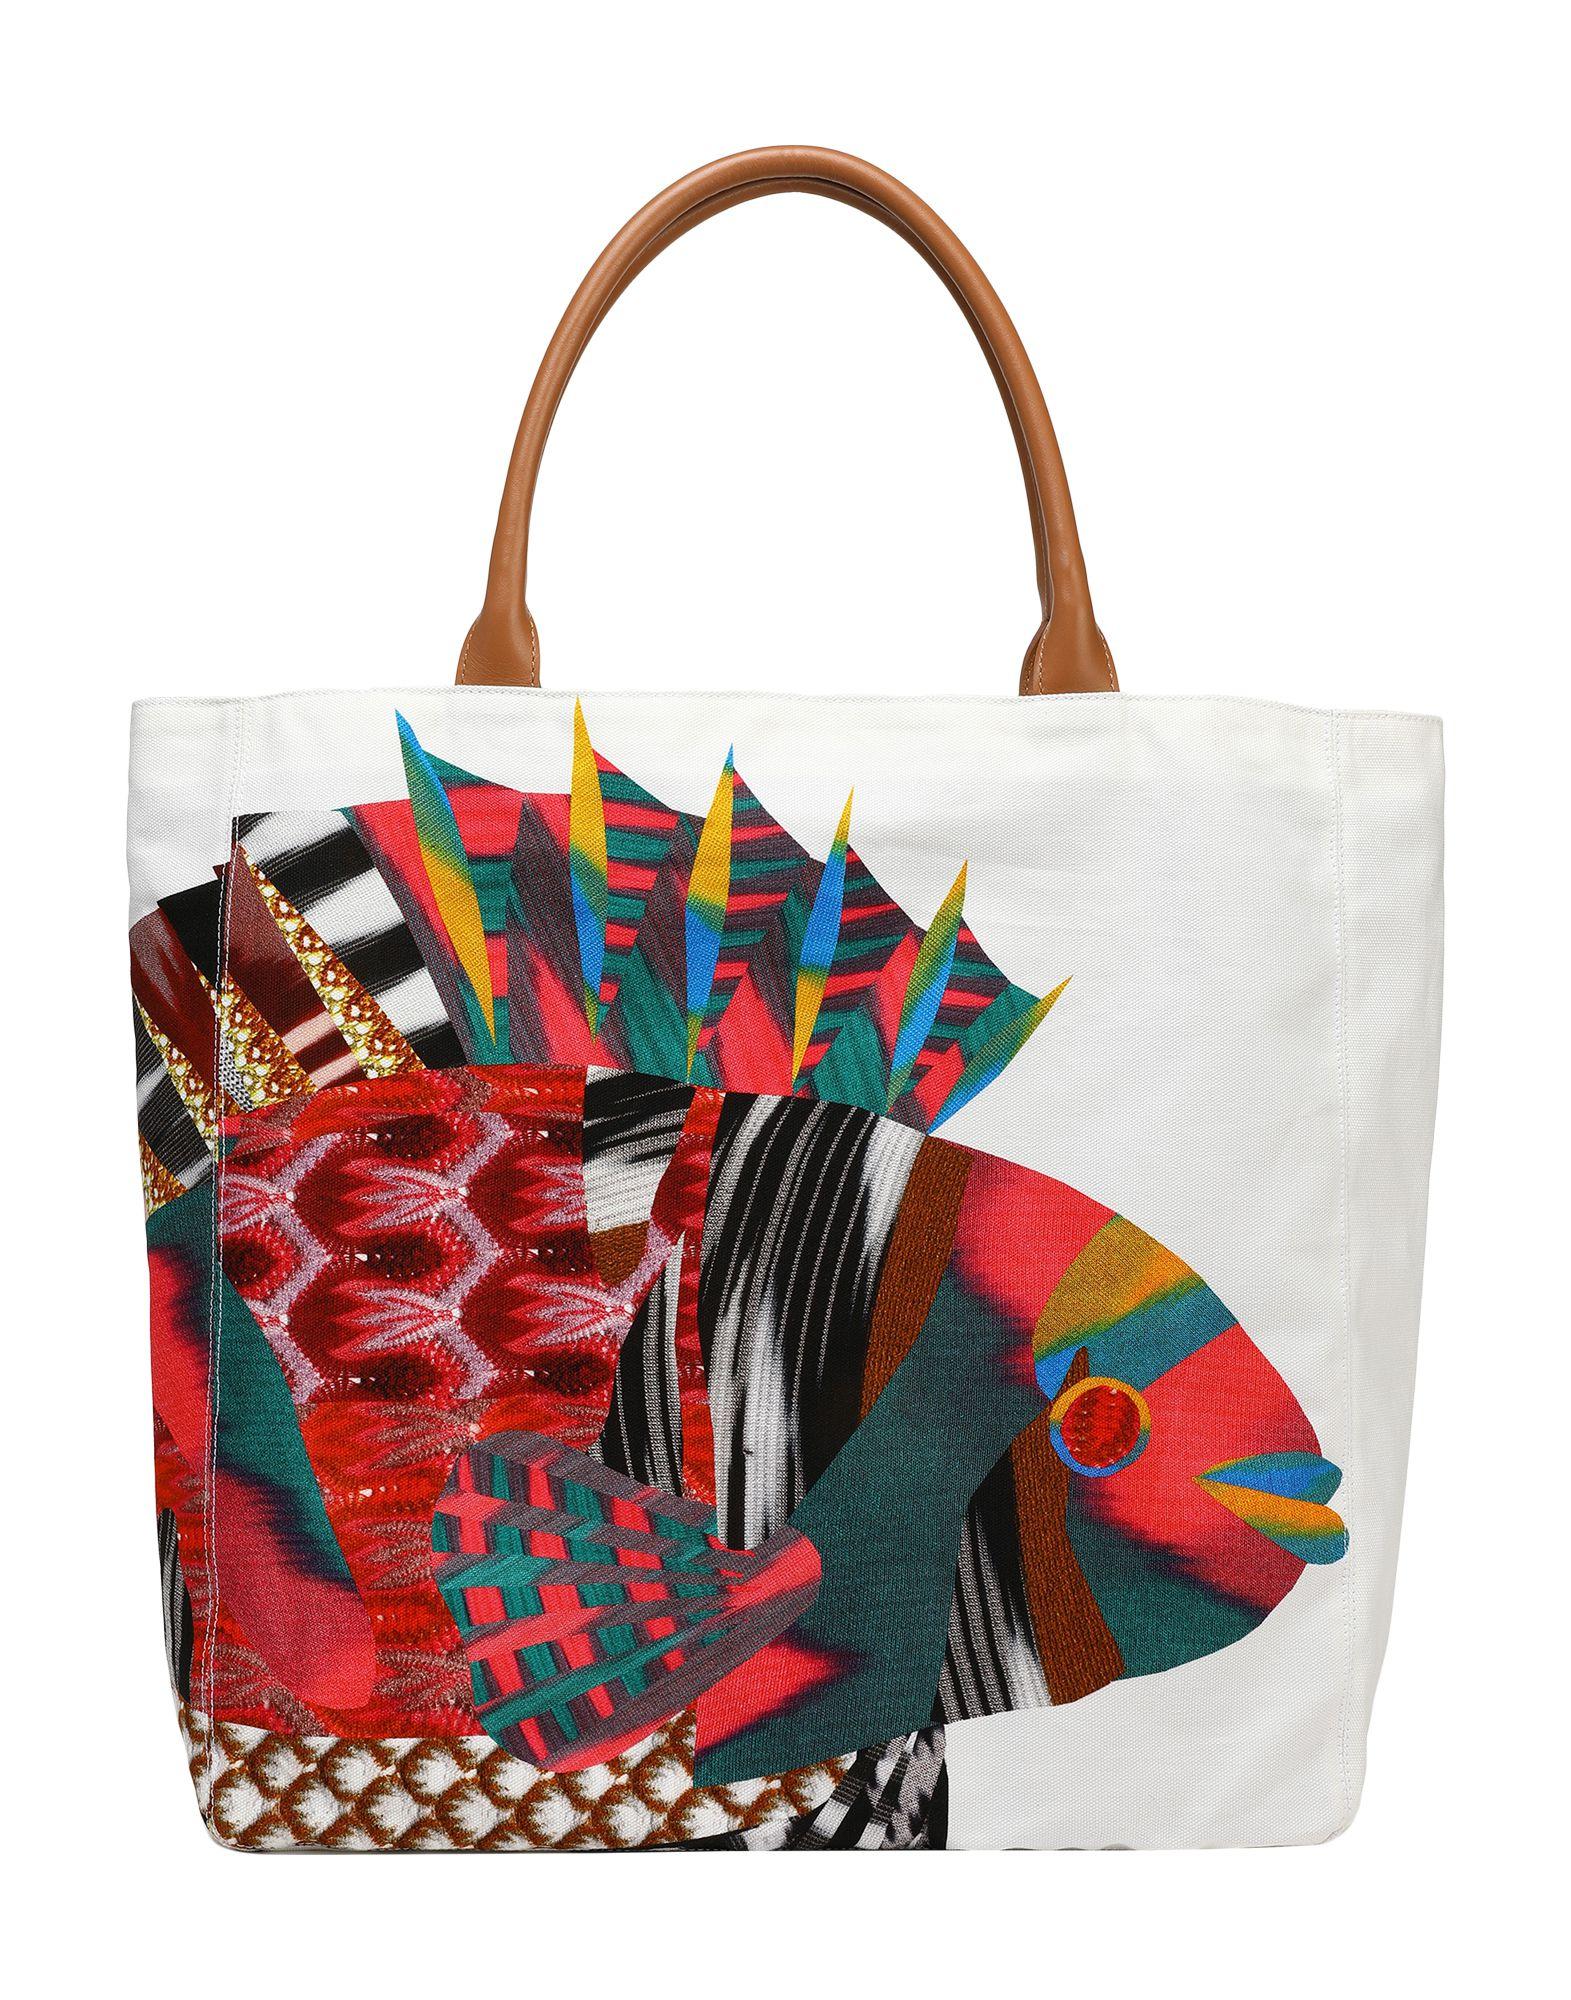 《送料無料》MISSONI MARE レディース ハンドバッグ ホワイト 紡績繊維 / 革